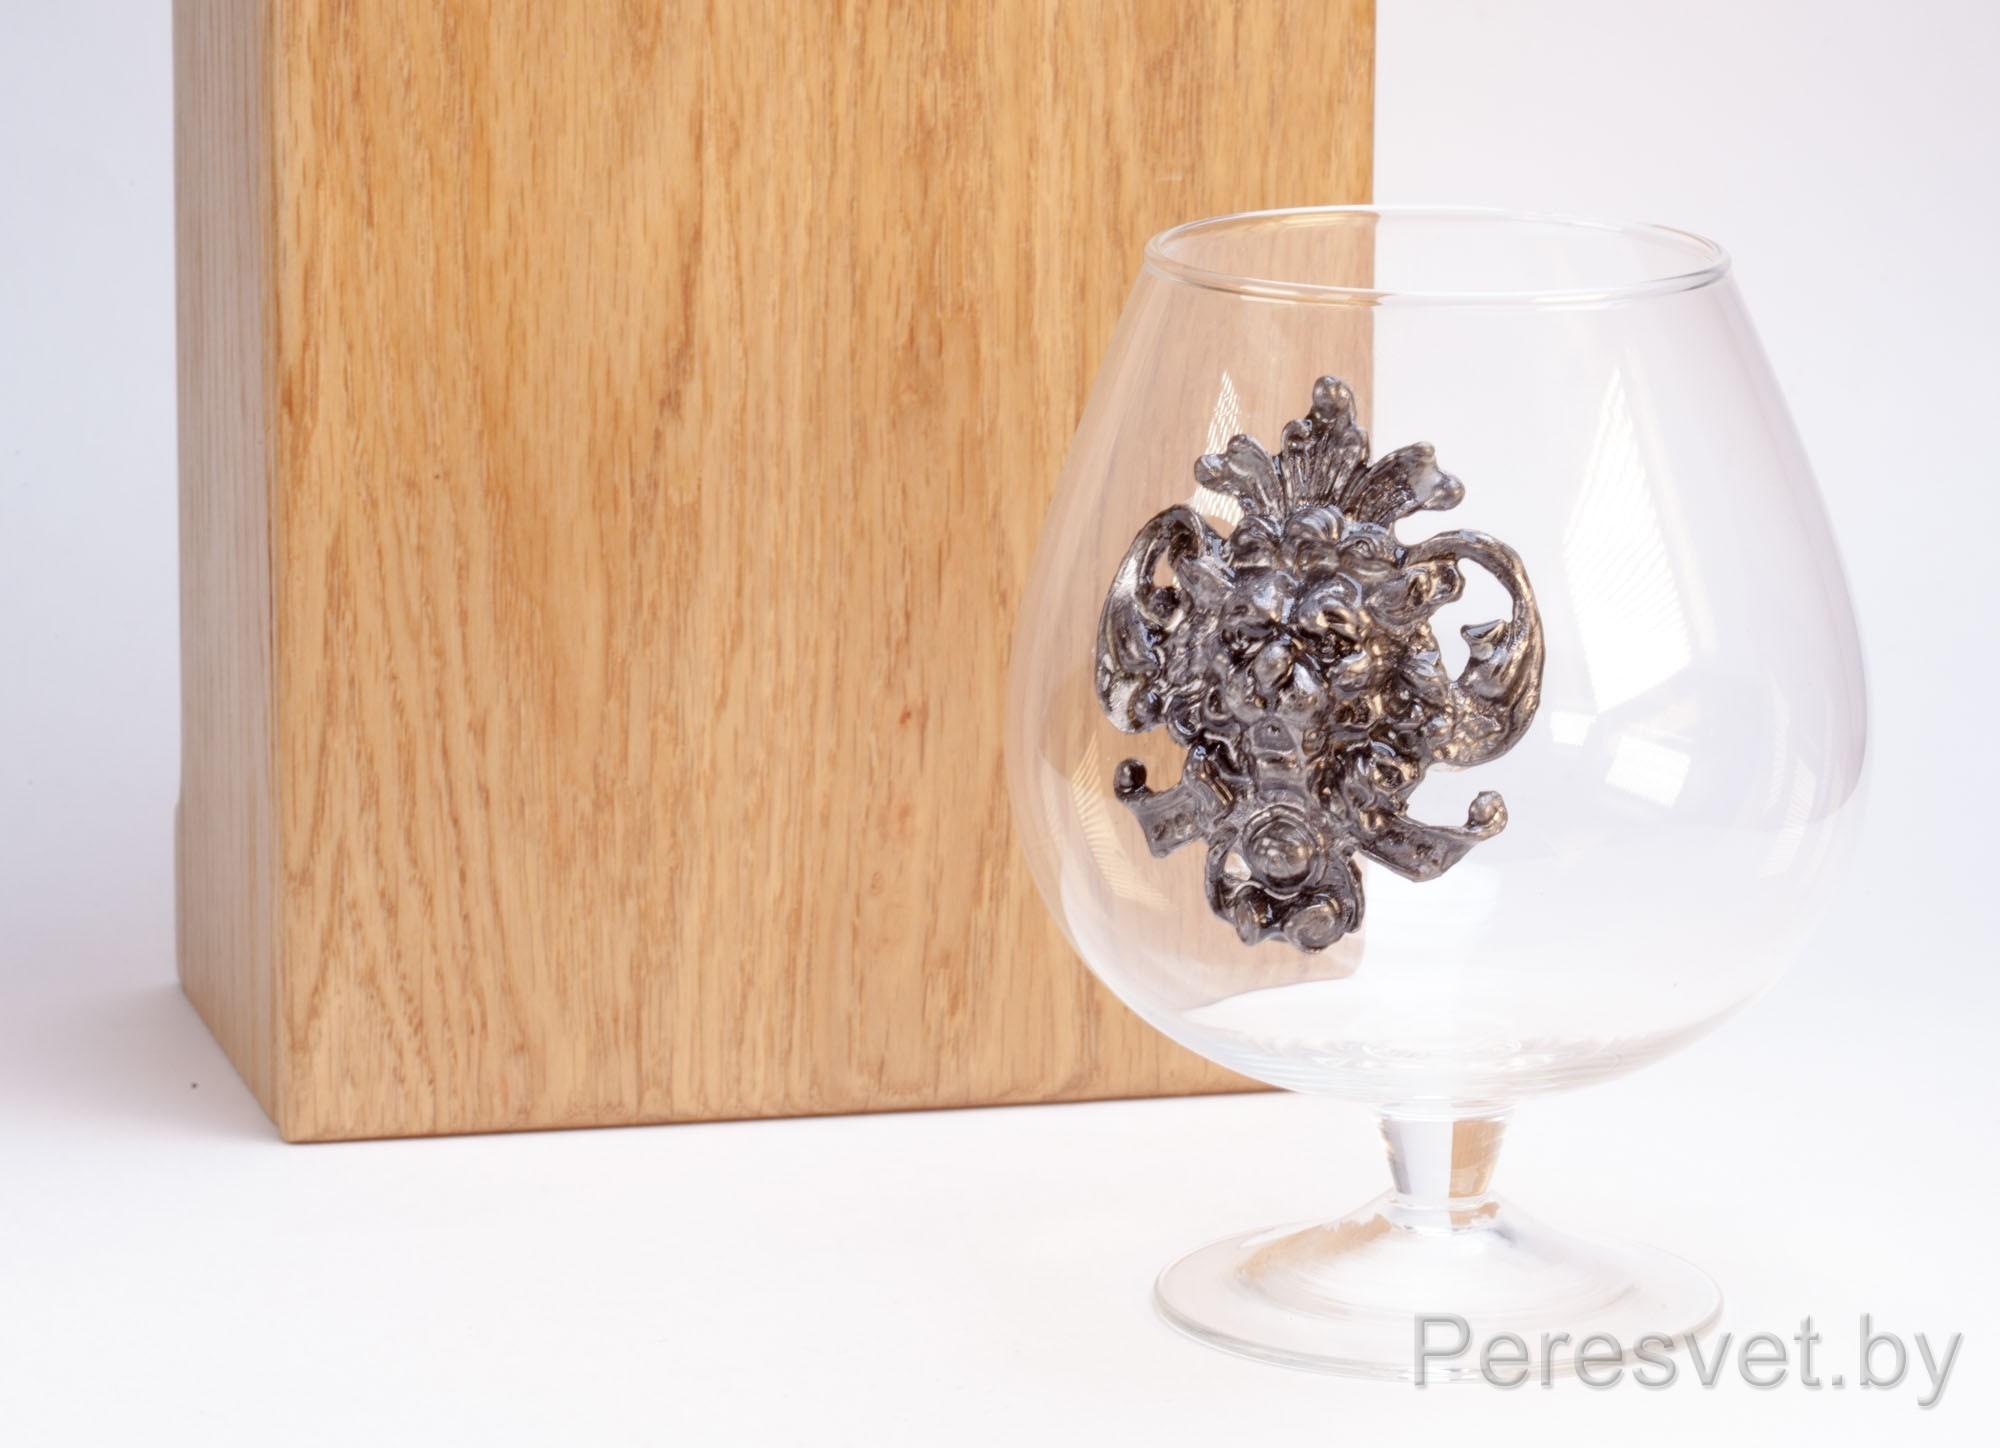 Подарочный набор бокалов для вина с художественным литьем Бронза